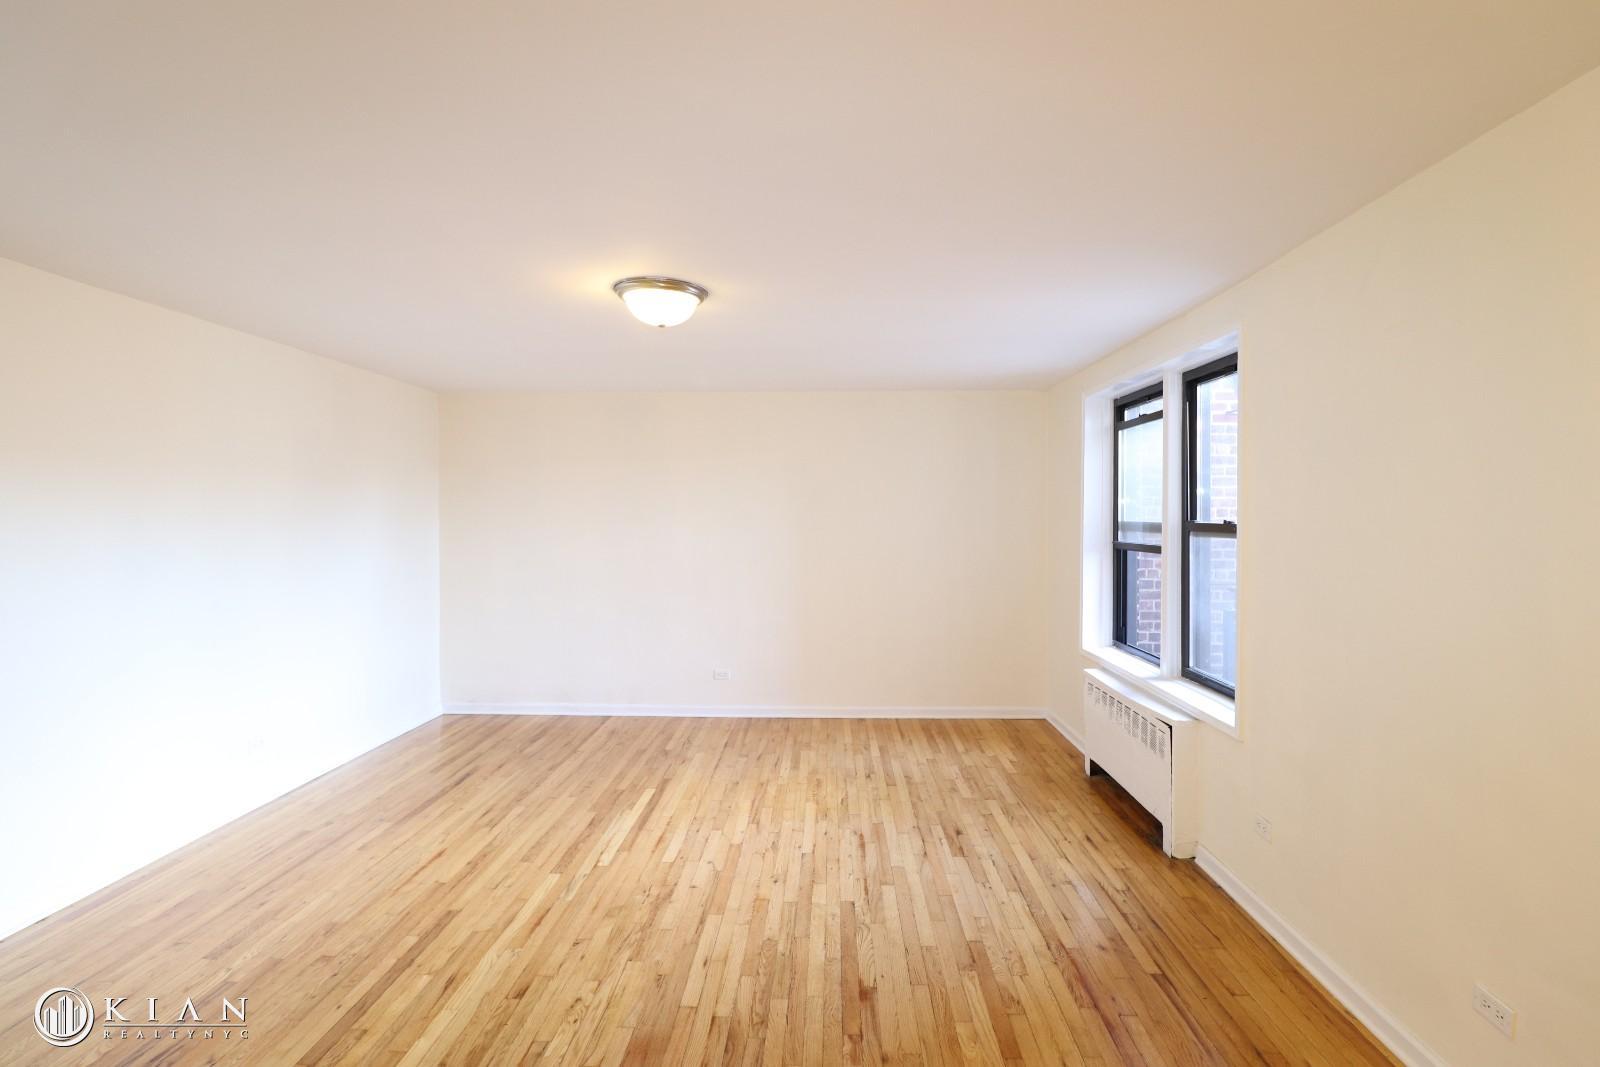 143-45 Sanford Avenue, Apt 106, Queens, New York 11355